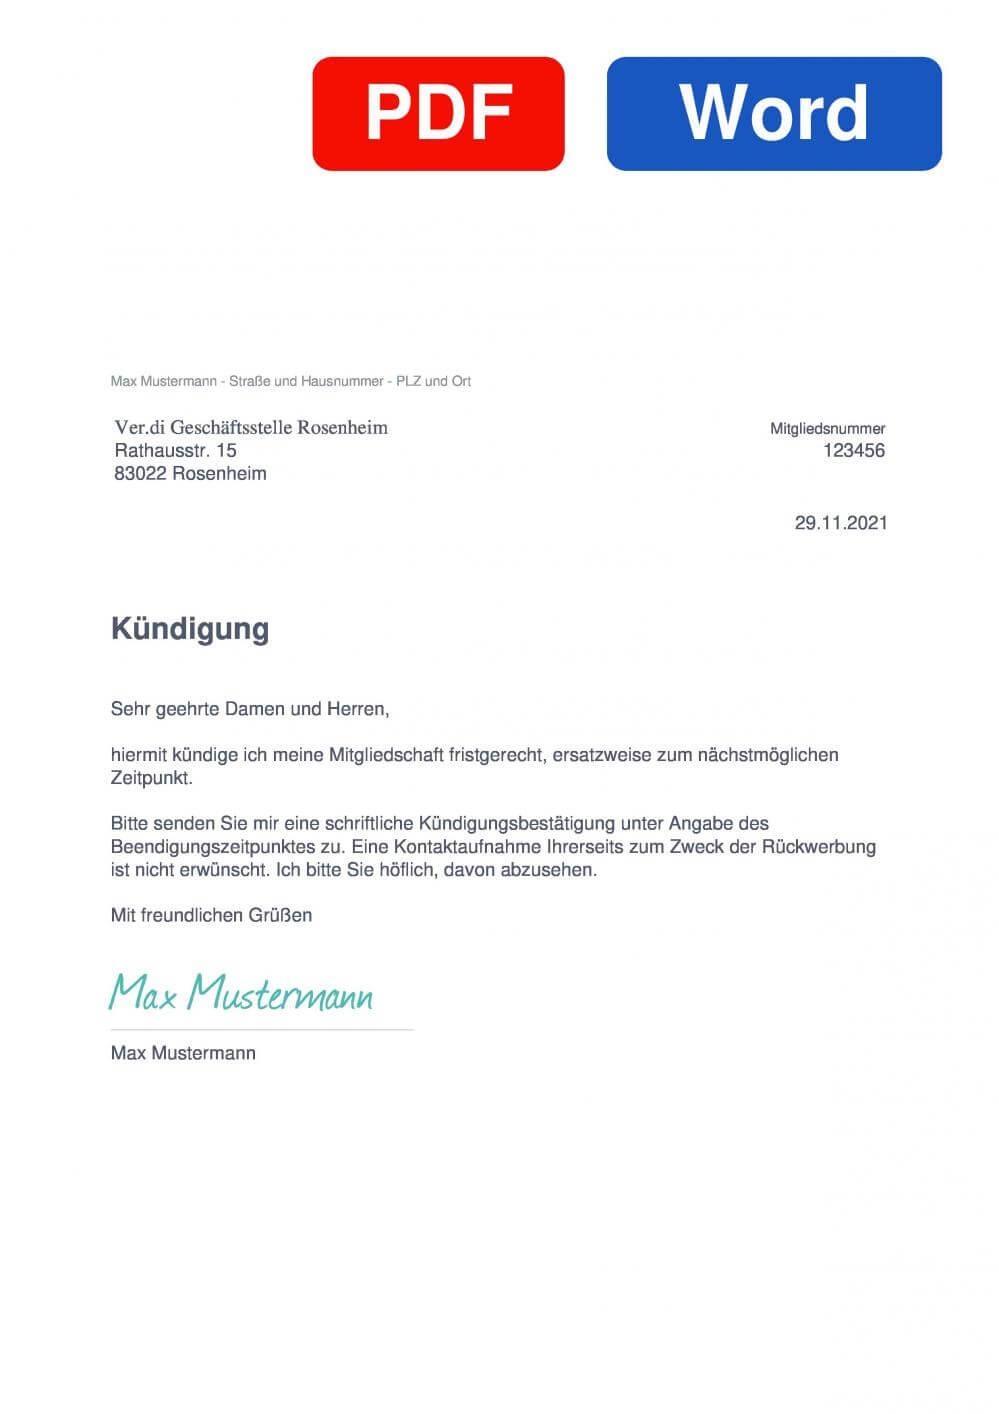 Verdi Rosenheim Muster Vorlage für Kündigungsschreiben